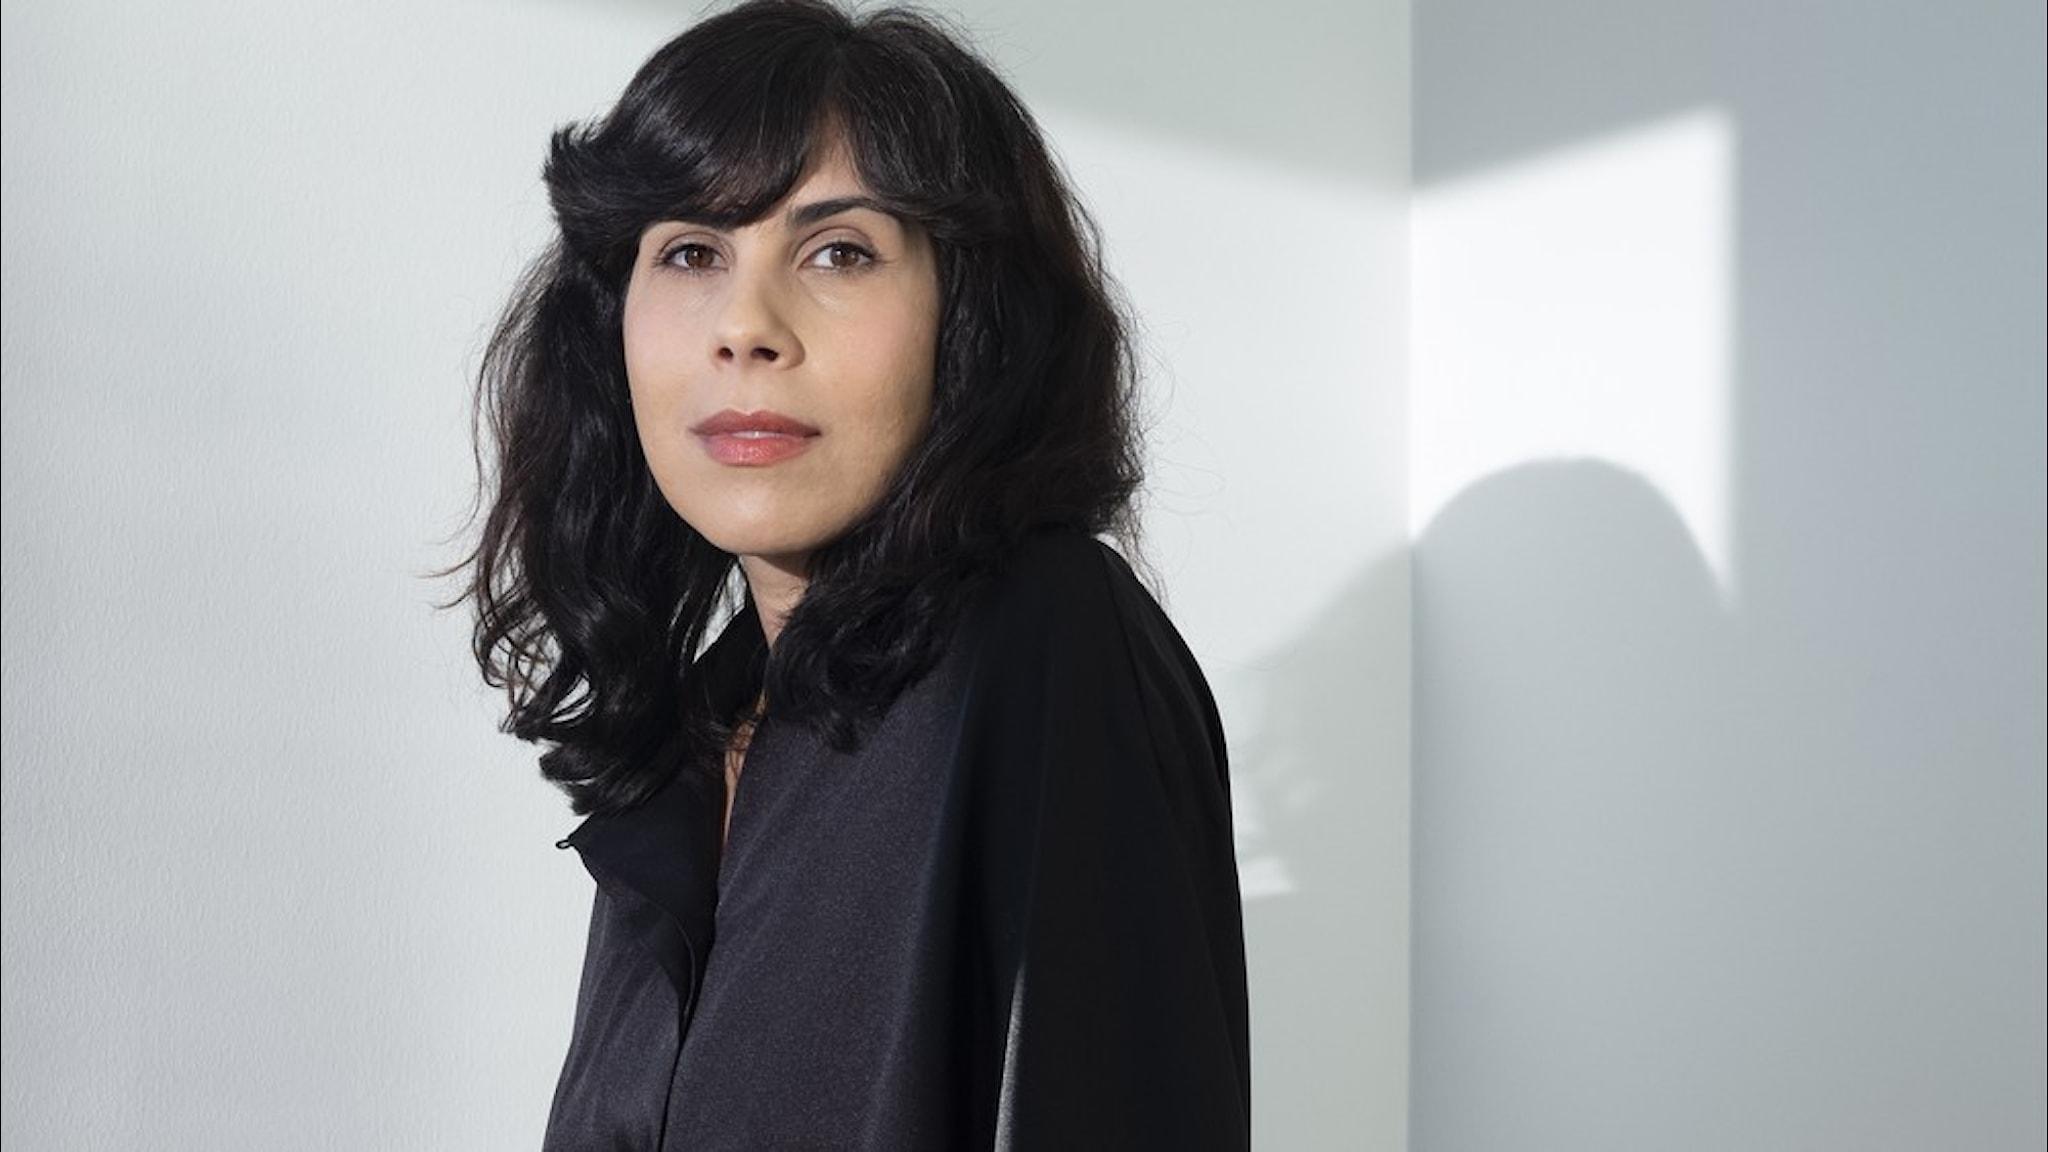 Författaren Elnaz Baghlanian klädd i svart mot vit bakgrund.